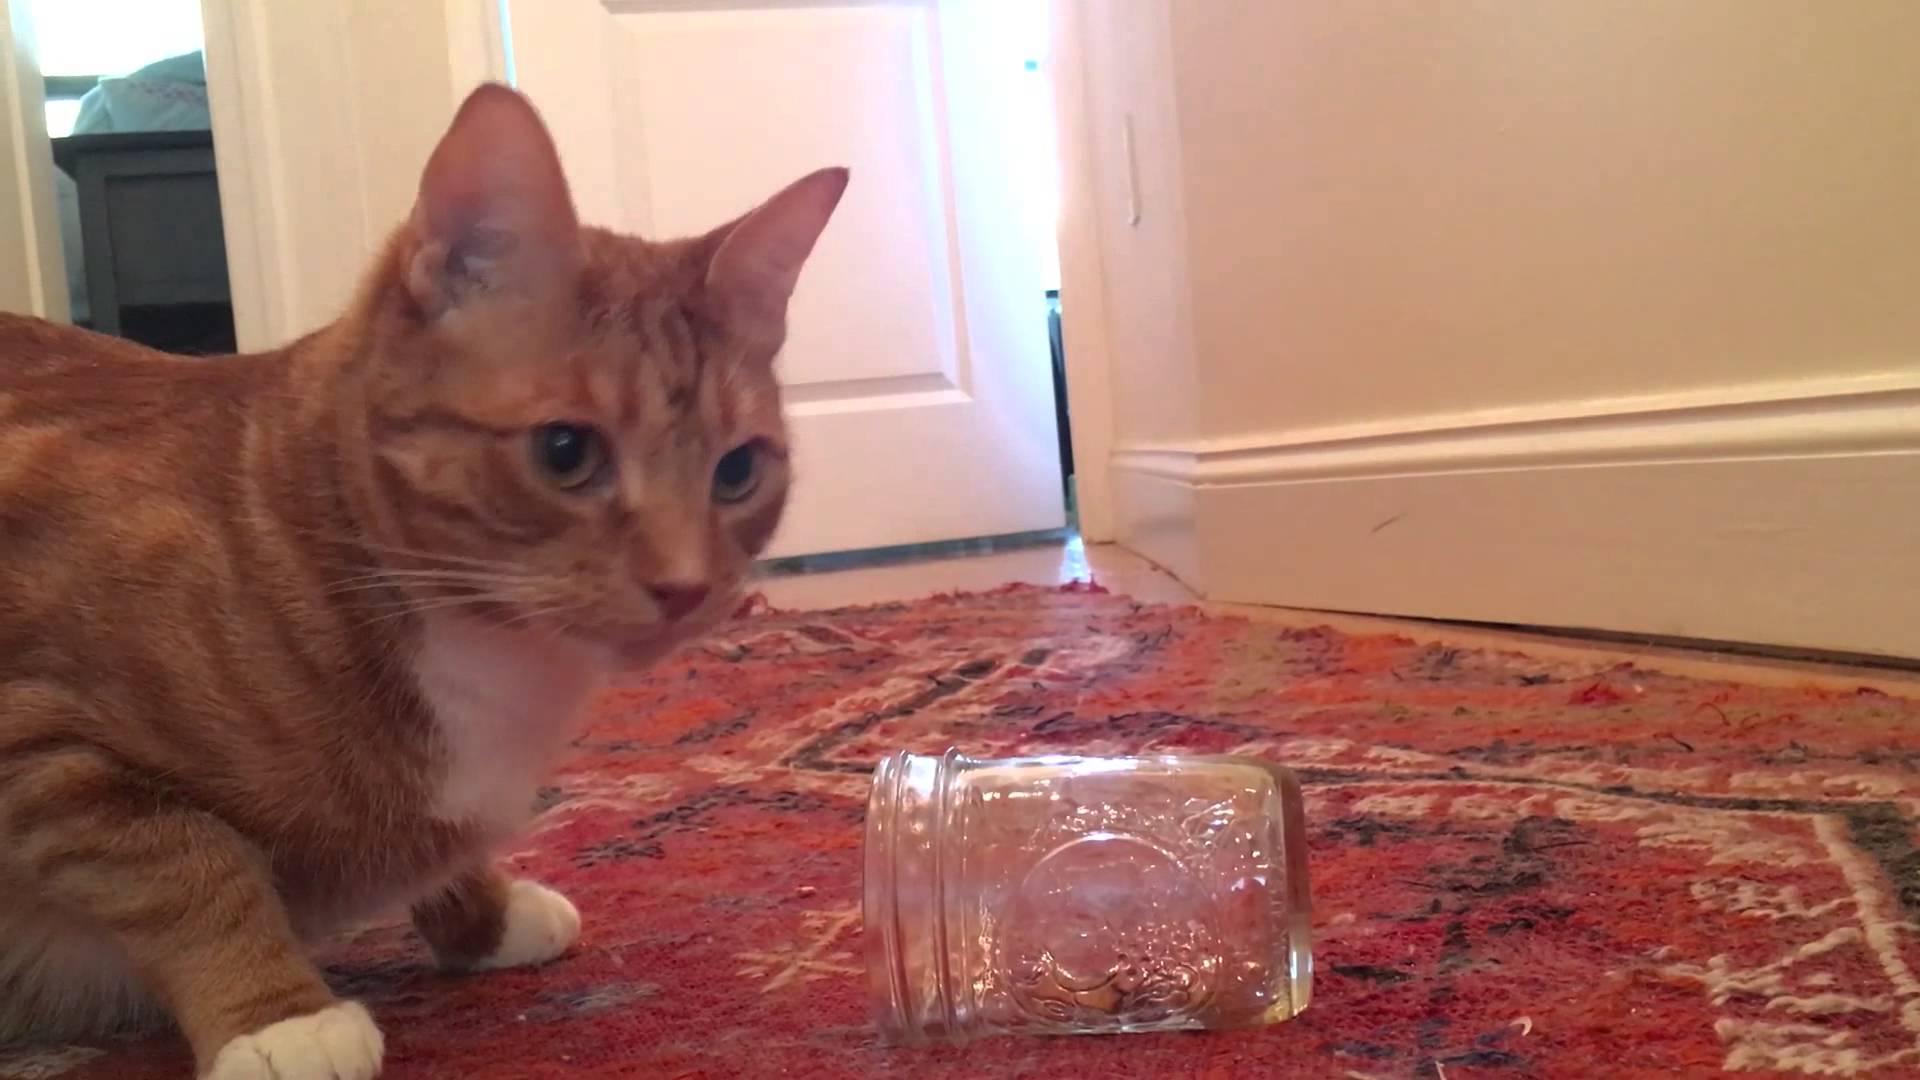 Je li vaša mačka ljevakinja ili dešnjakinja?